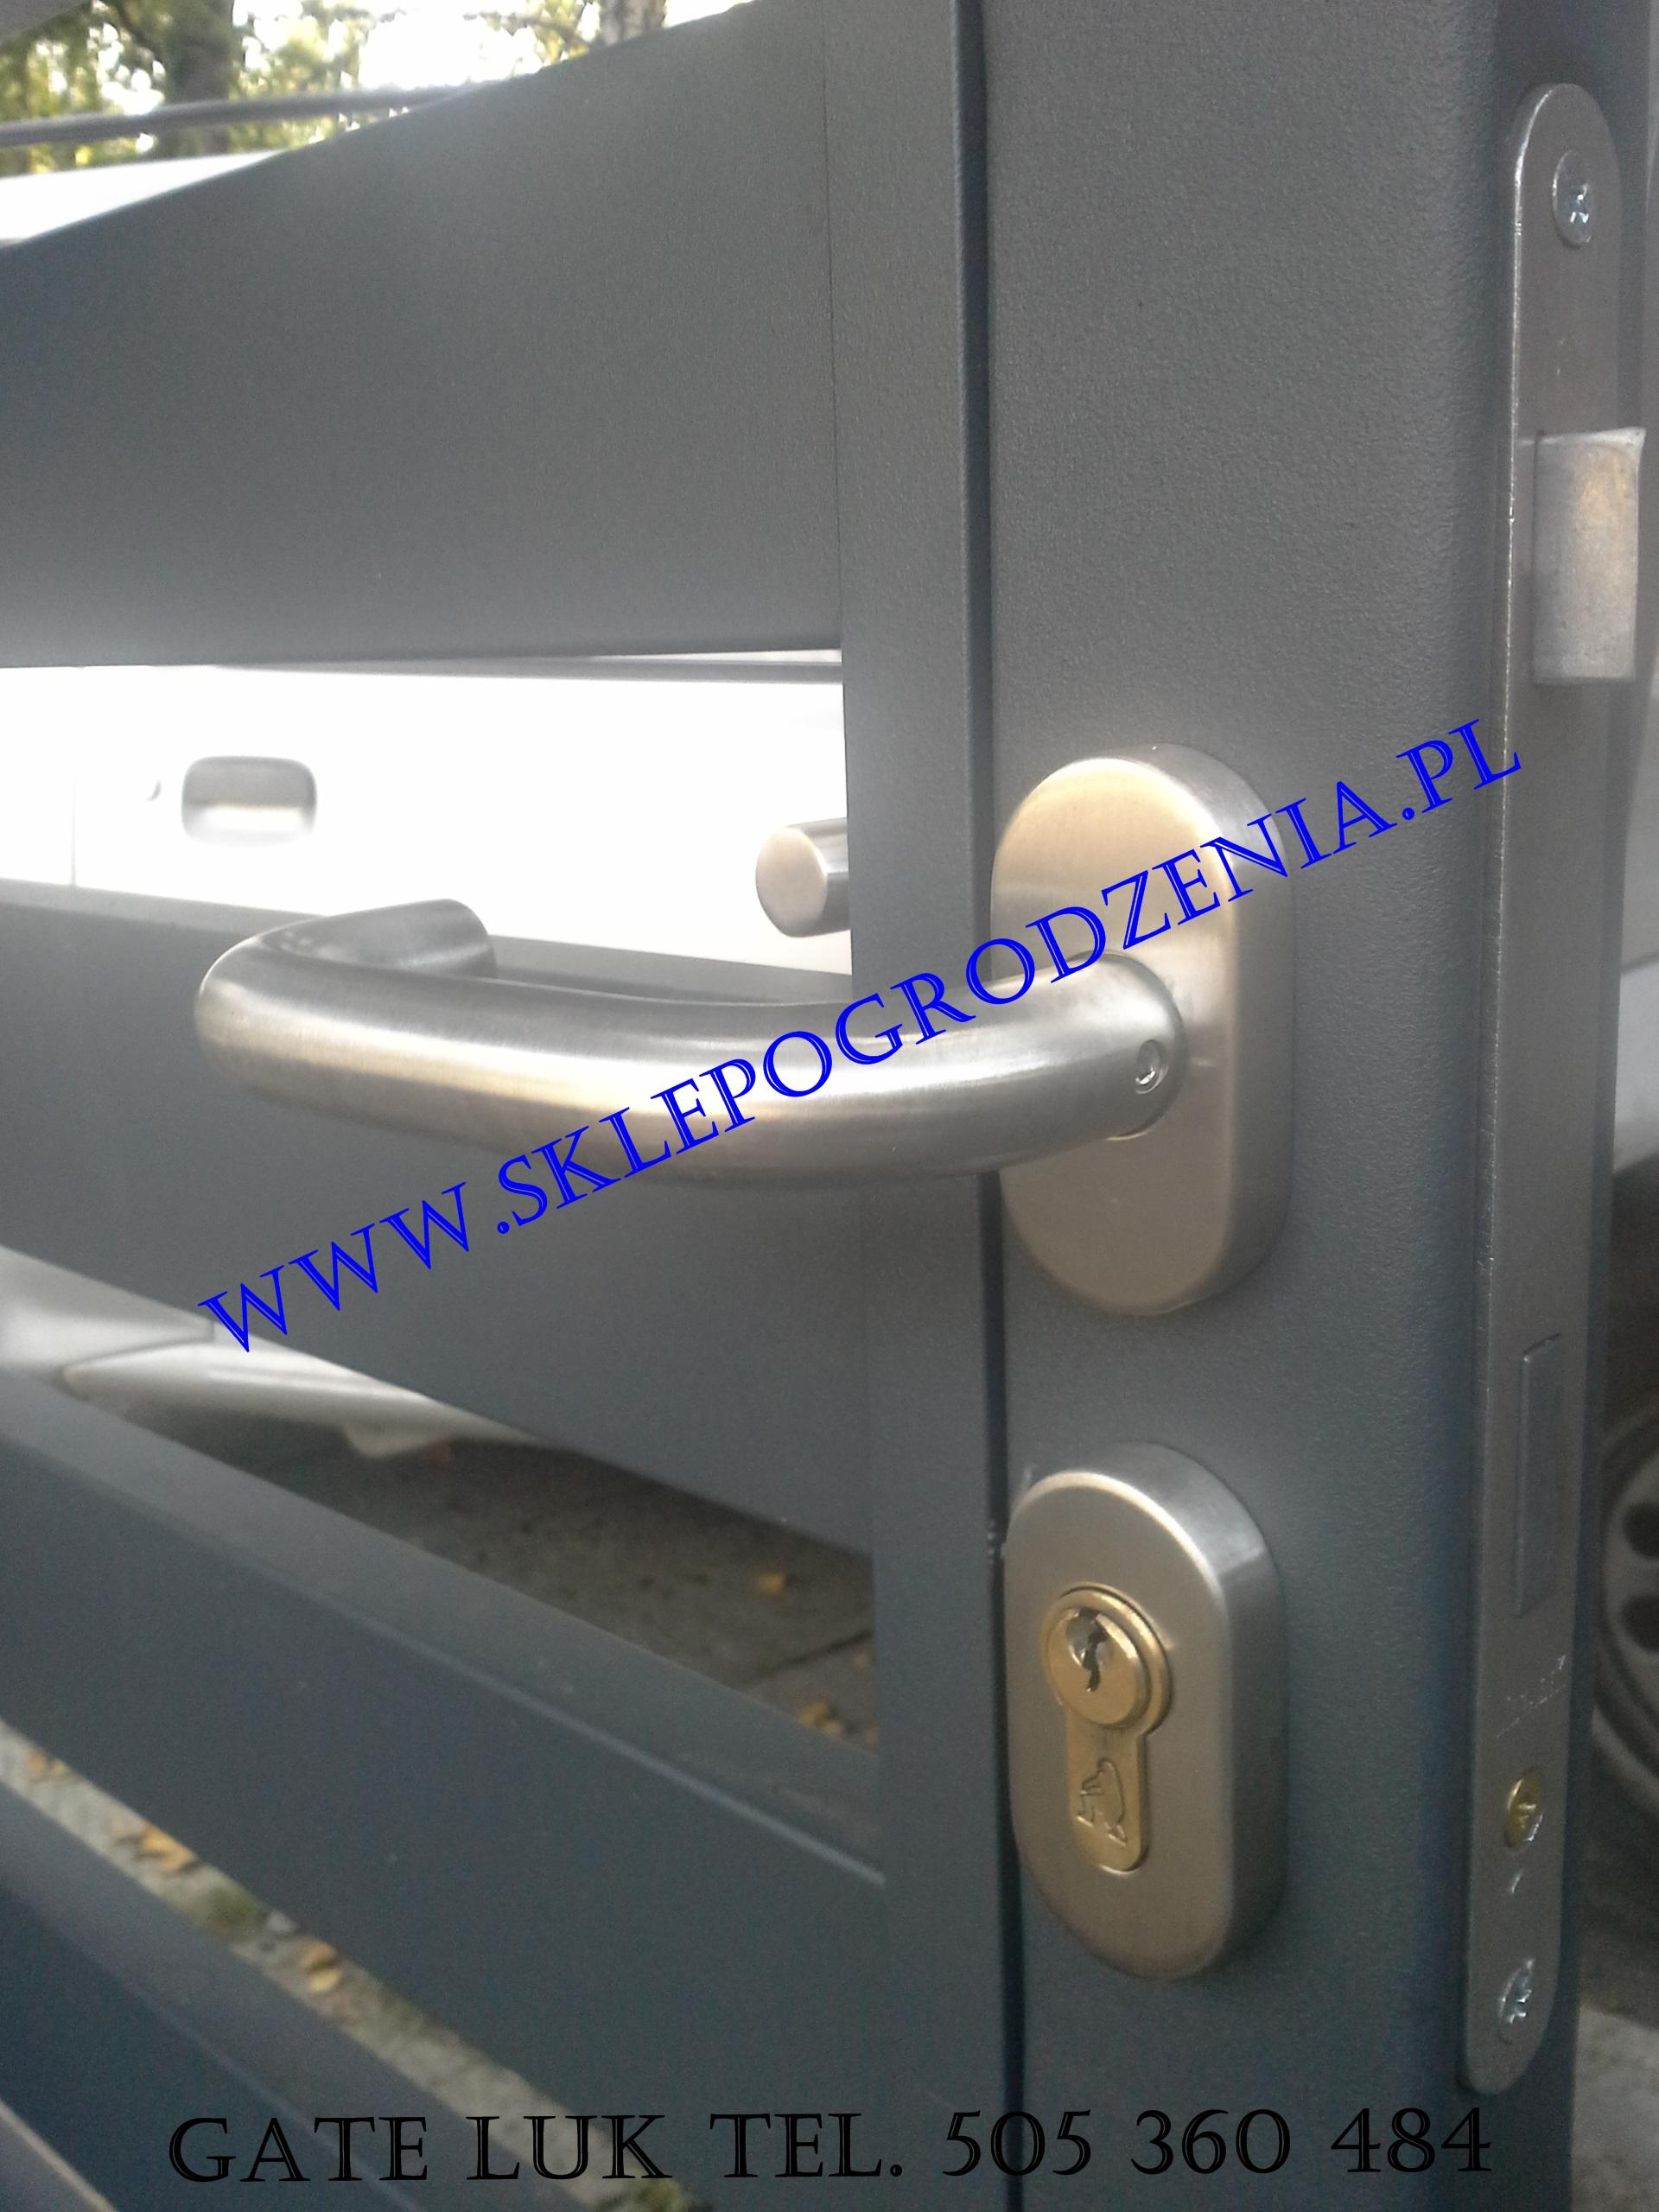 Bardzo dobry Sklep ogrodzenia Klamka ze stali nierdzewnej, Akcesoria do bram i RH27